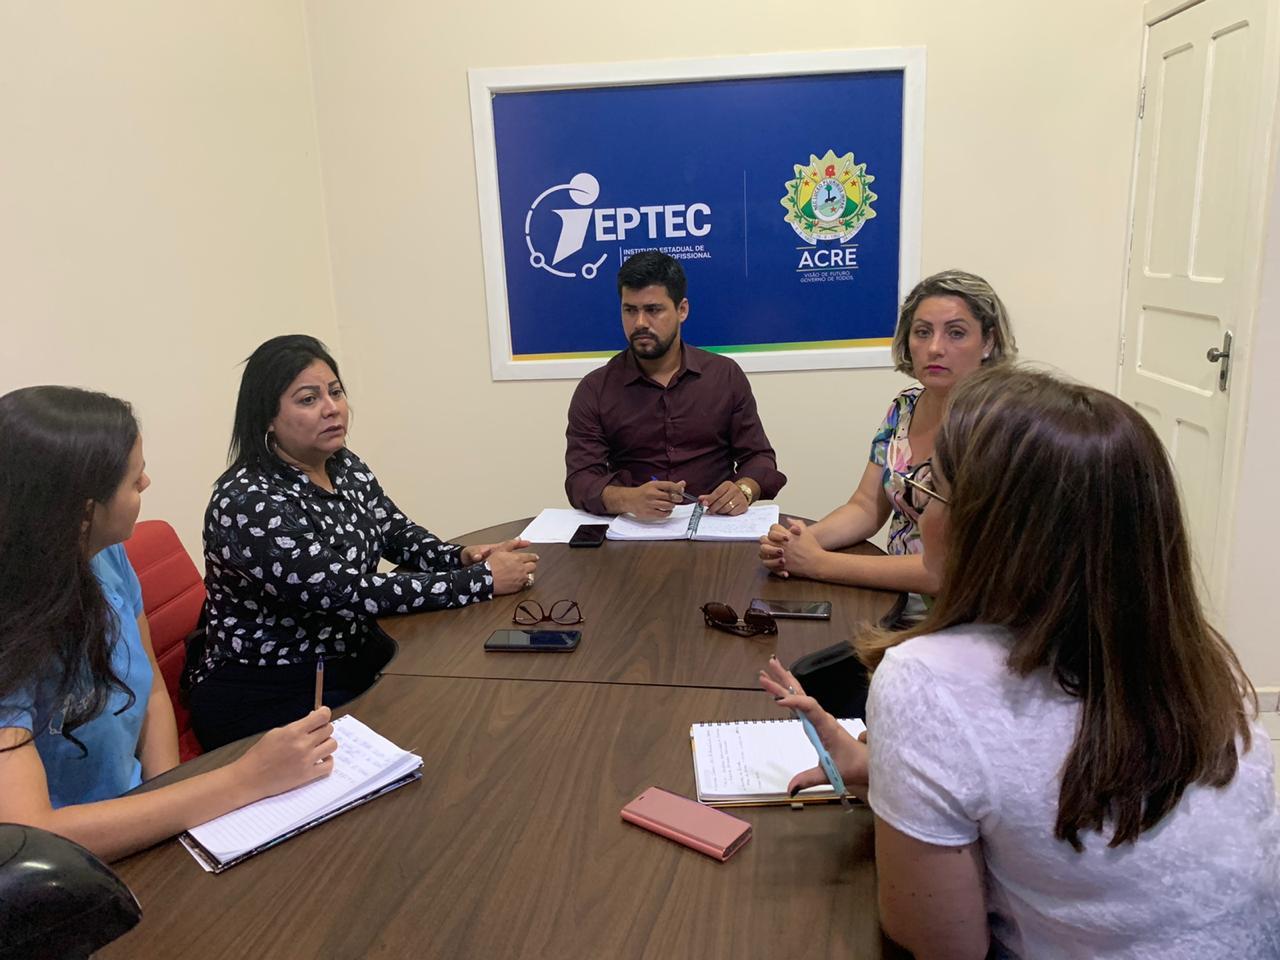 Estado busca parceria para inserir mulheres no empreendedorismo